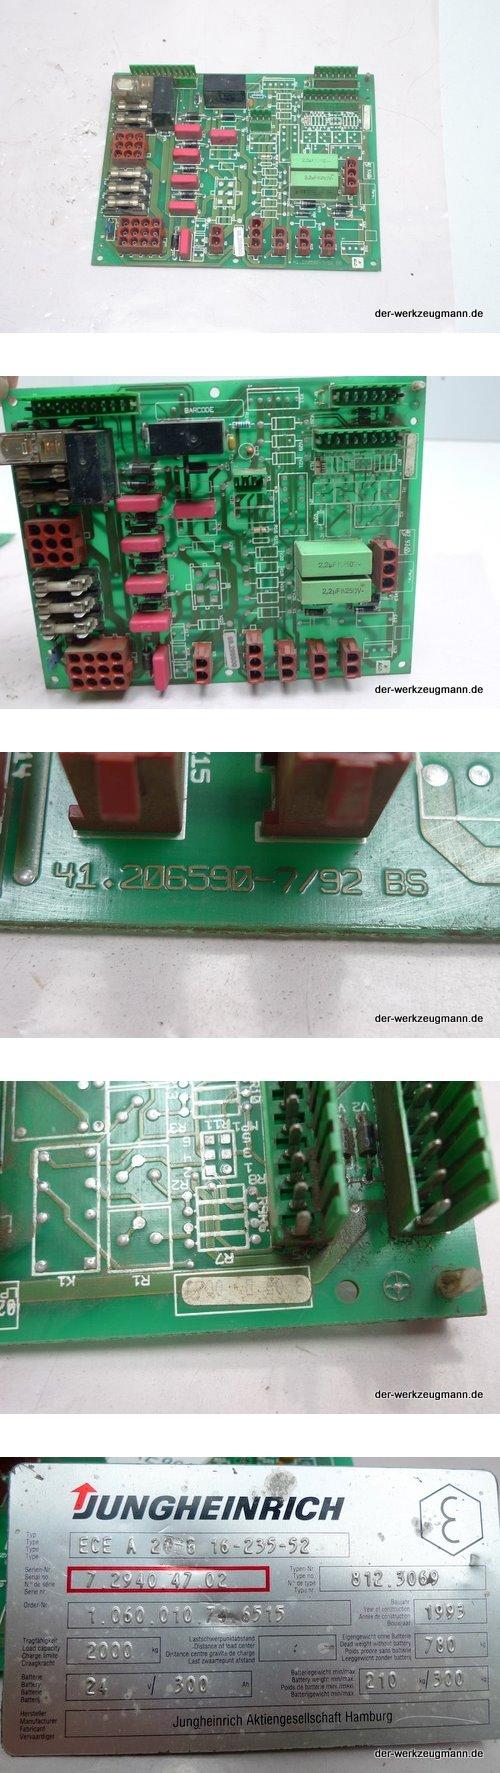 Jungheinrich Einbaukarte 41.206590-7/92 BS für Stapler ECE 20